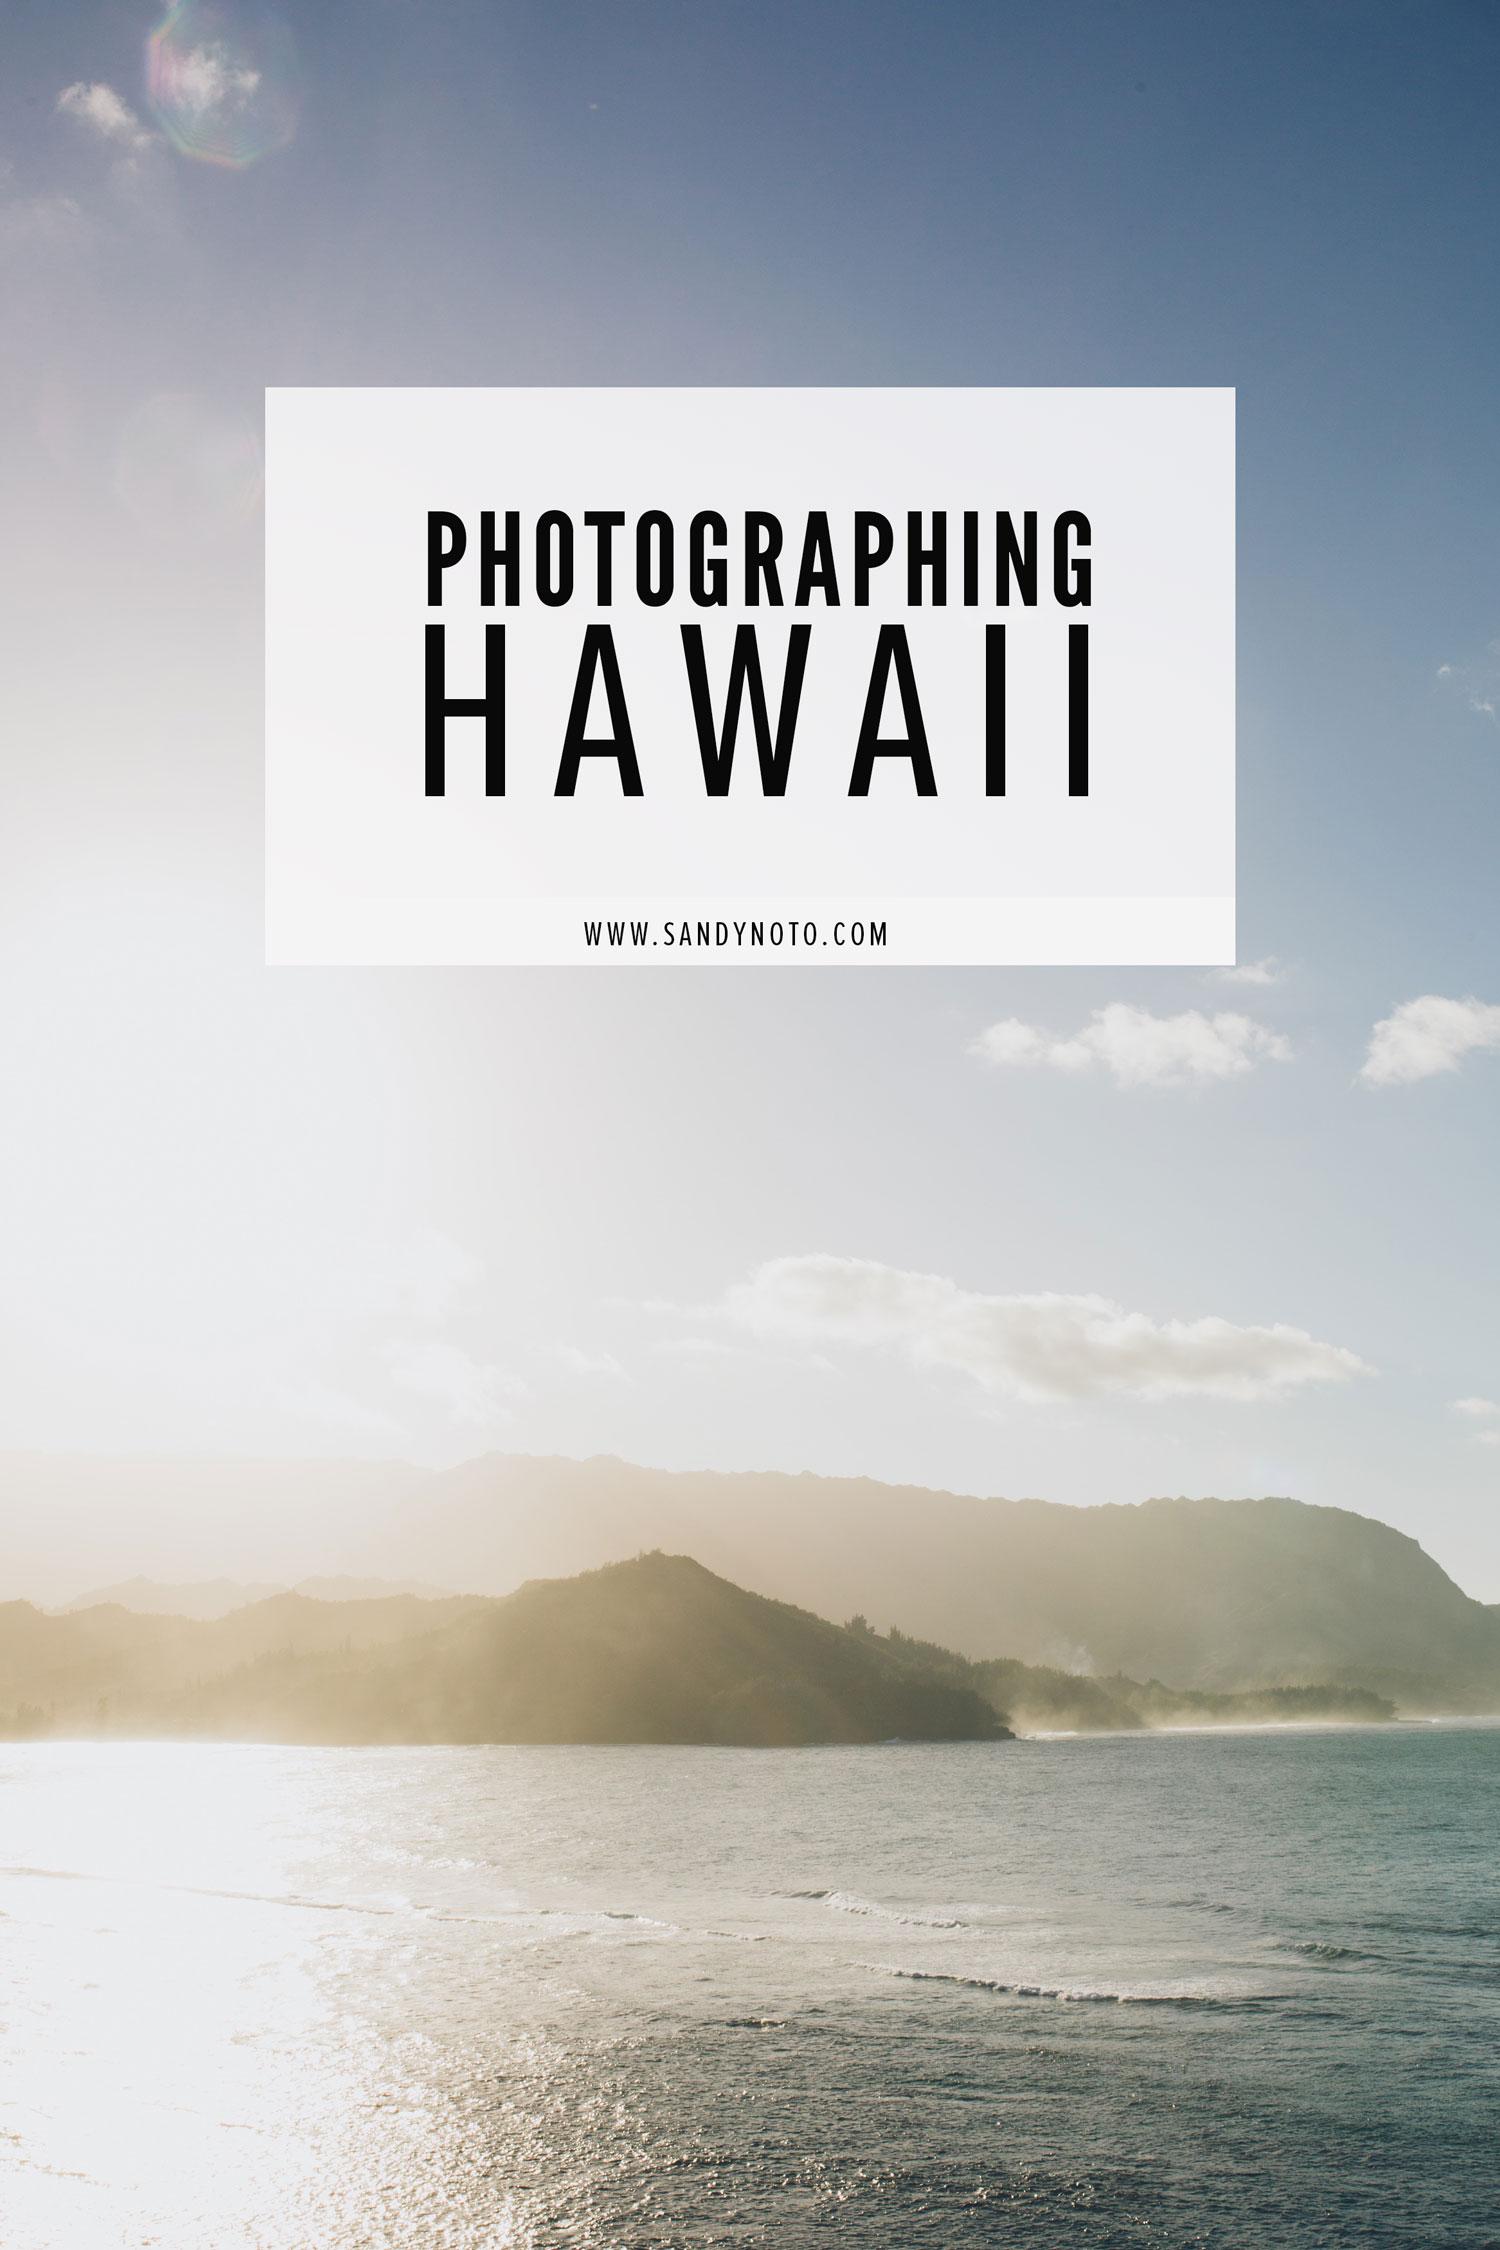 Photographing Hawaii